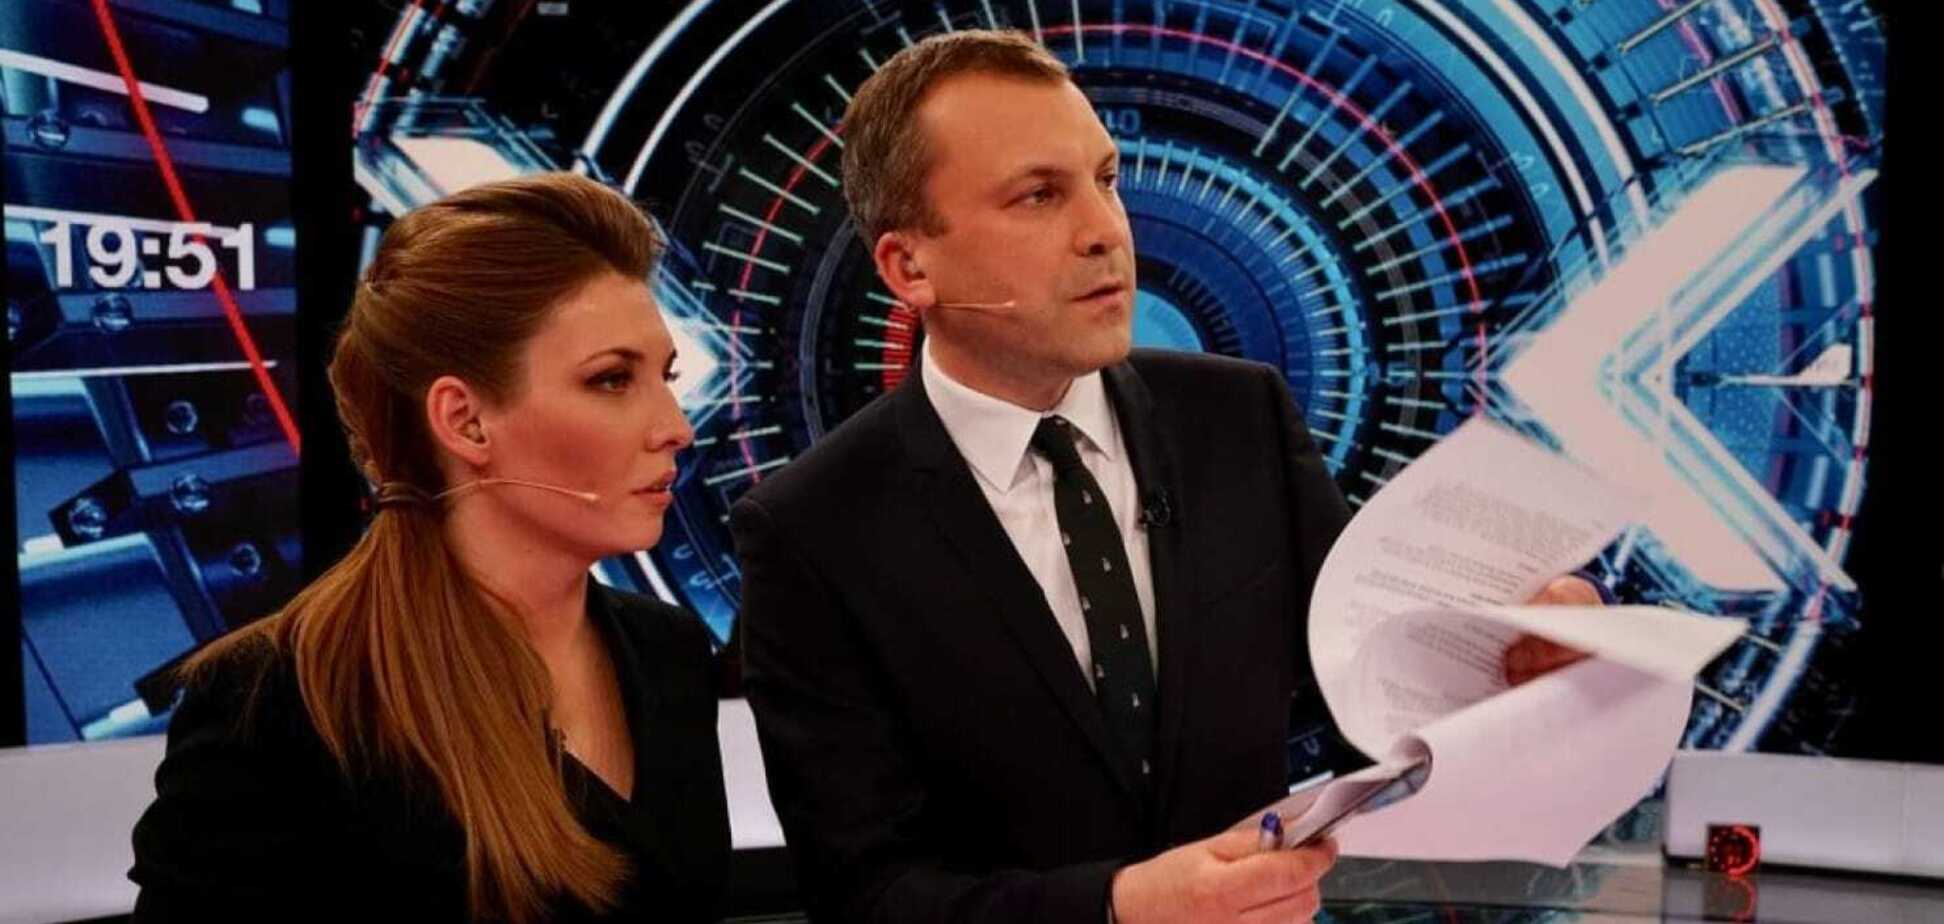 Российские телеведущие Ольга Скабеева и Евгений Попов